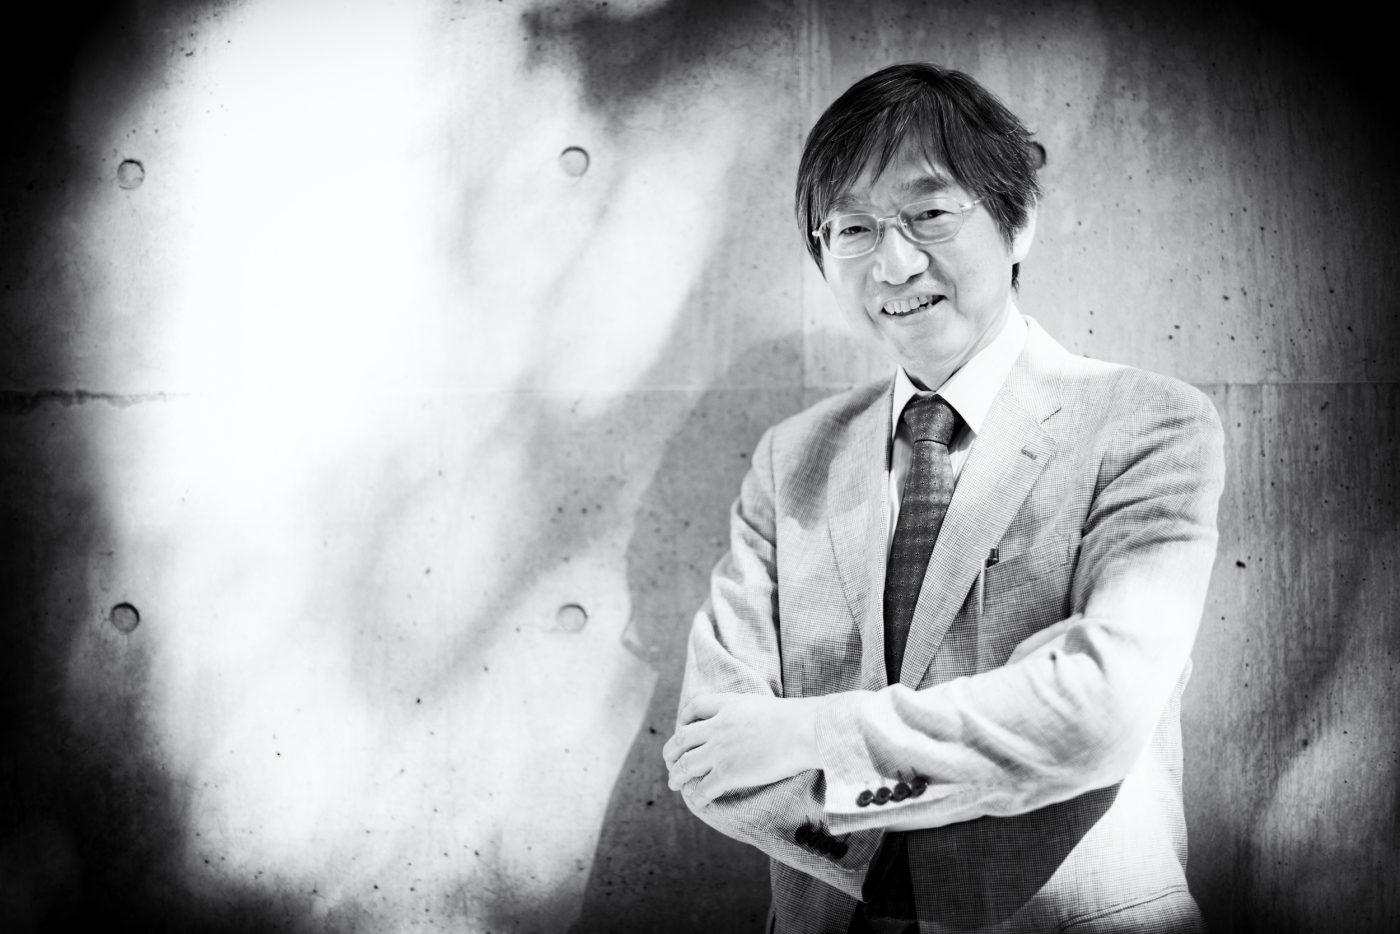 【インタビュー】主体的に生きることが起業活動の最大の意義。「起業学」第一人者にきく。高橋徳行教授(後編)